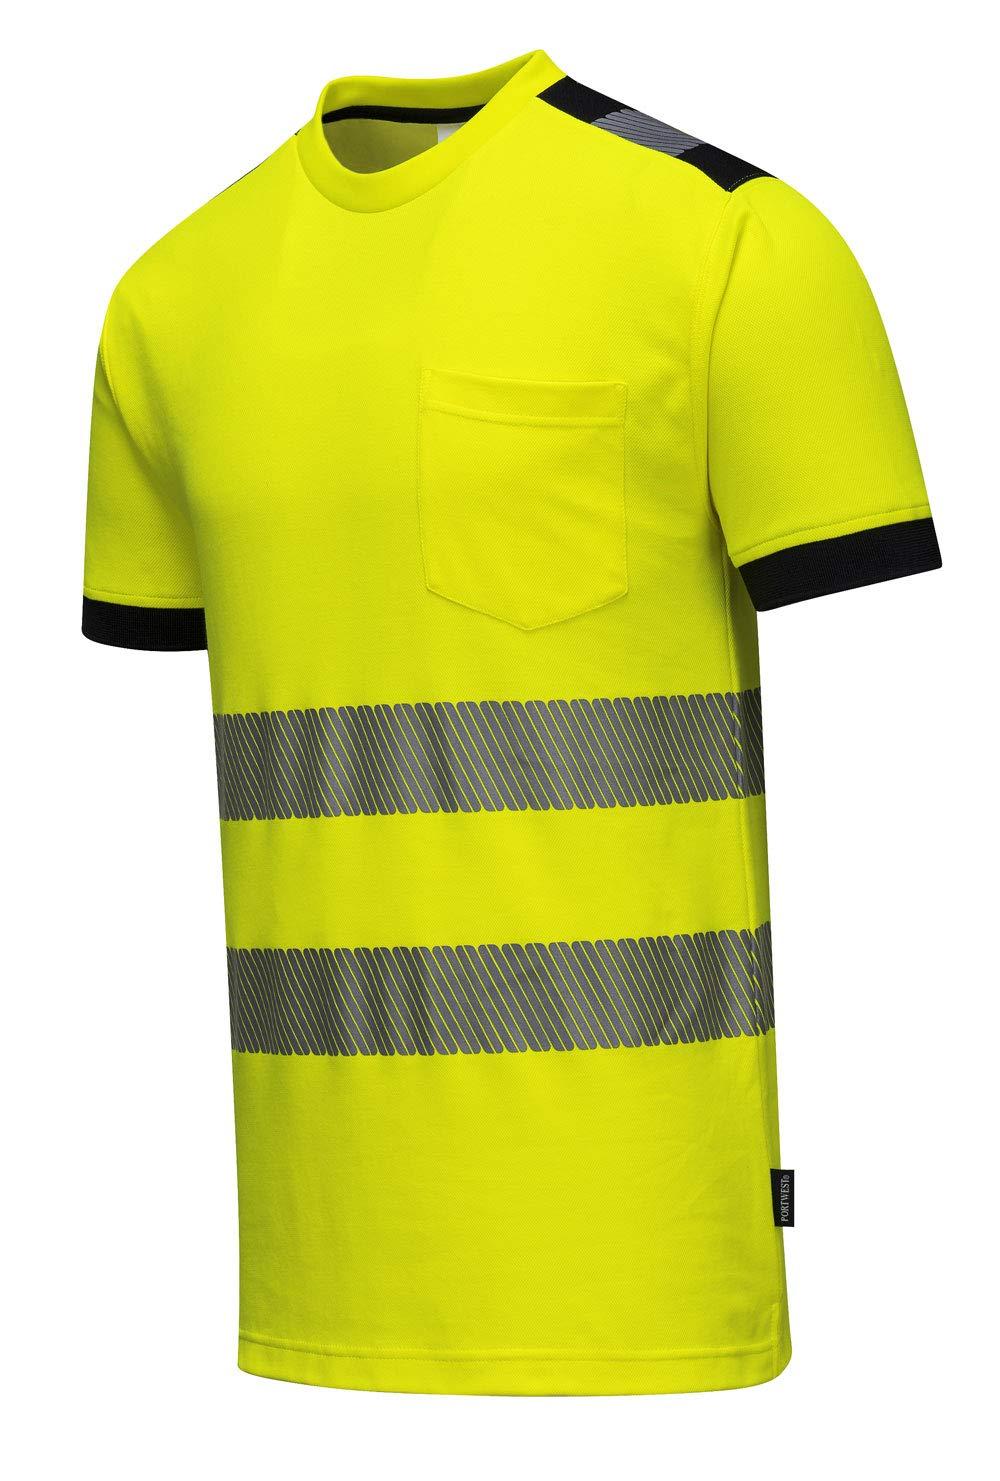 Portwest T181orrxxl Vision T-shirt haute visibilit/é Orange 2/x L